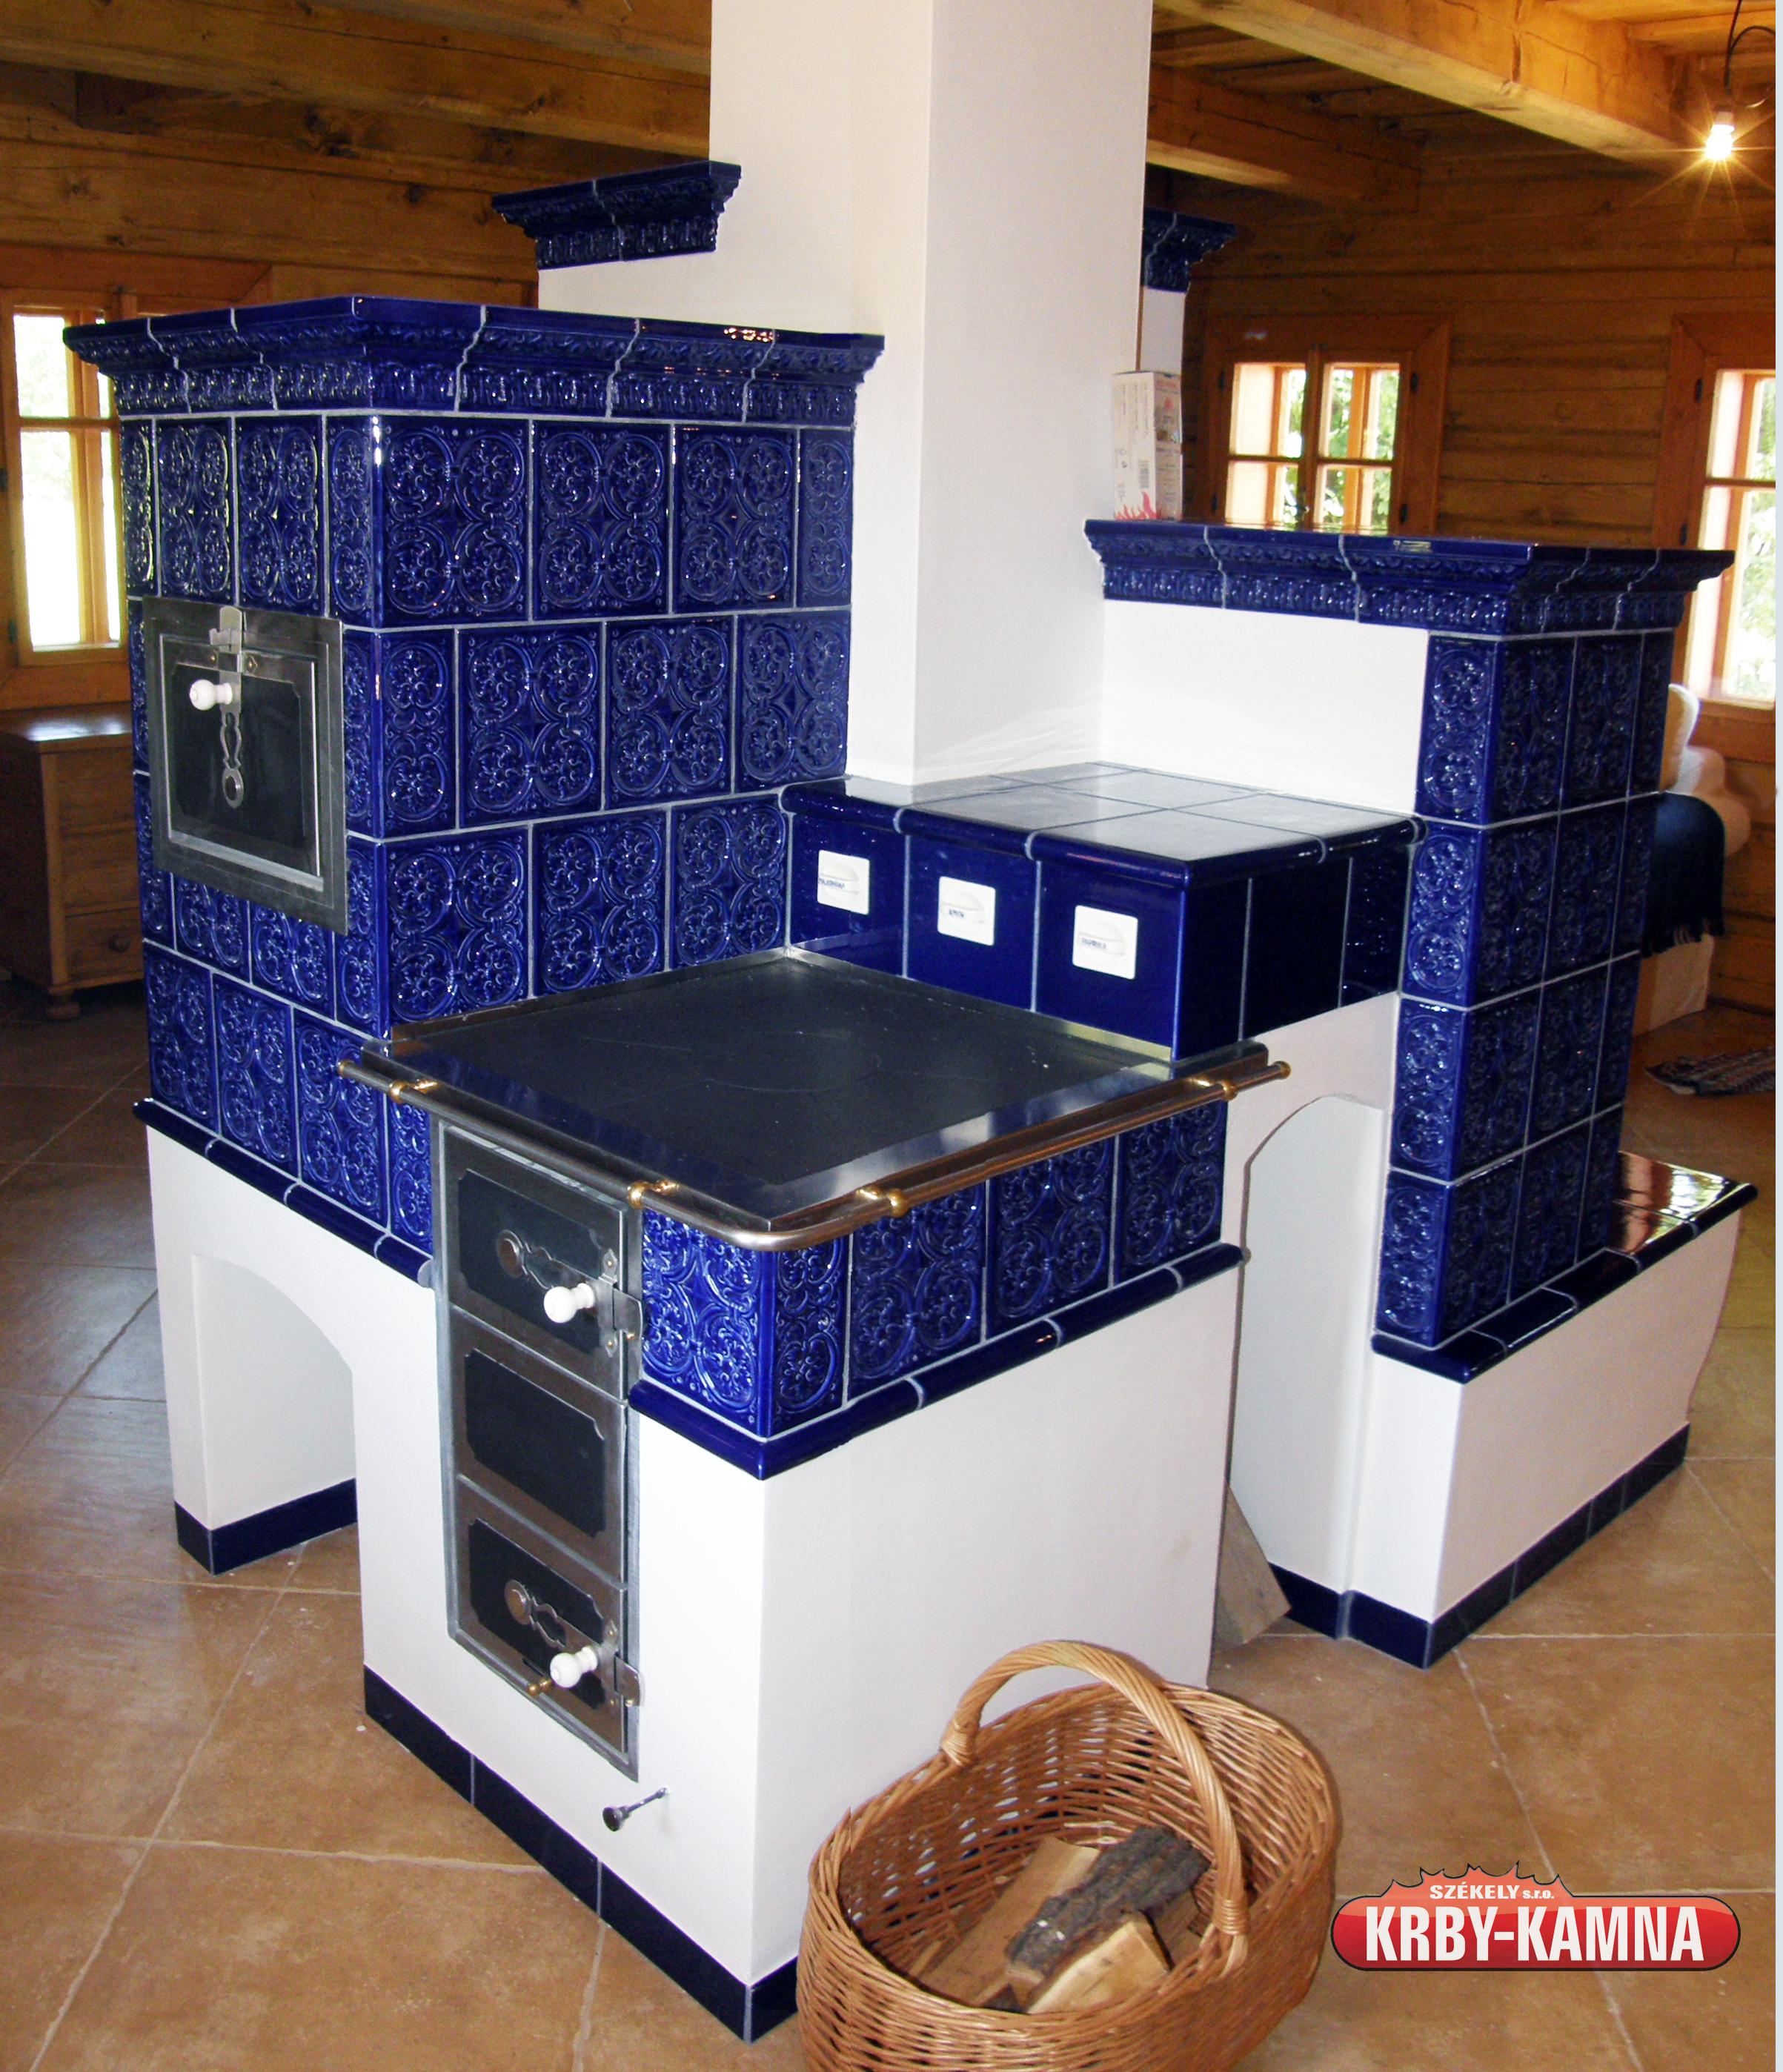 Kachlový sporák s pečící troubou, hlubokým topeništěm a topnou stěnou s lavicí